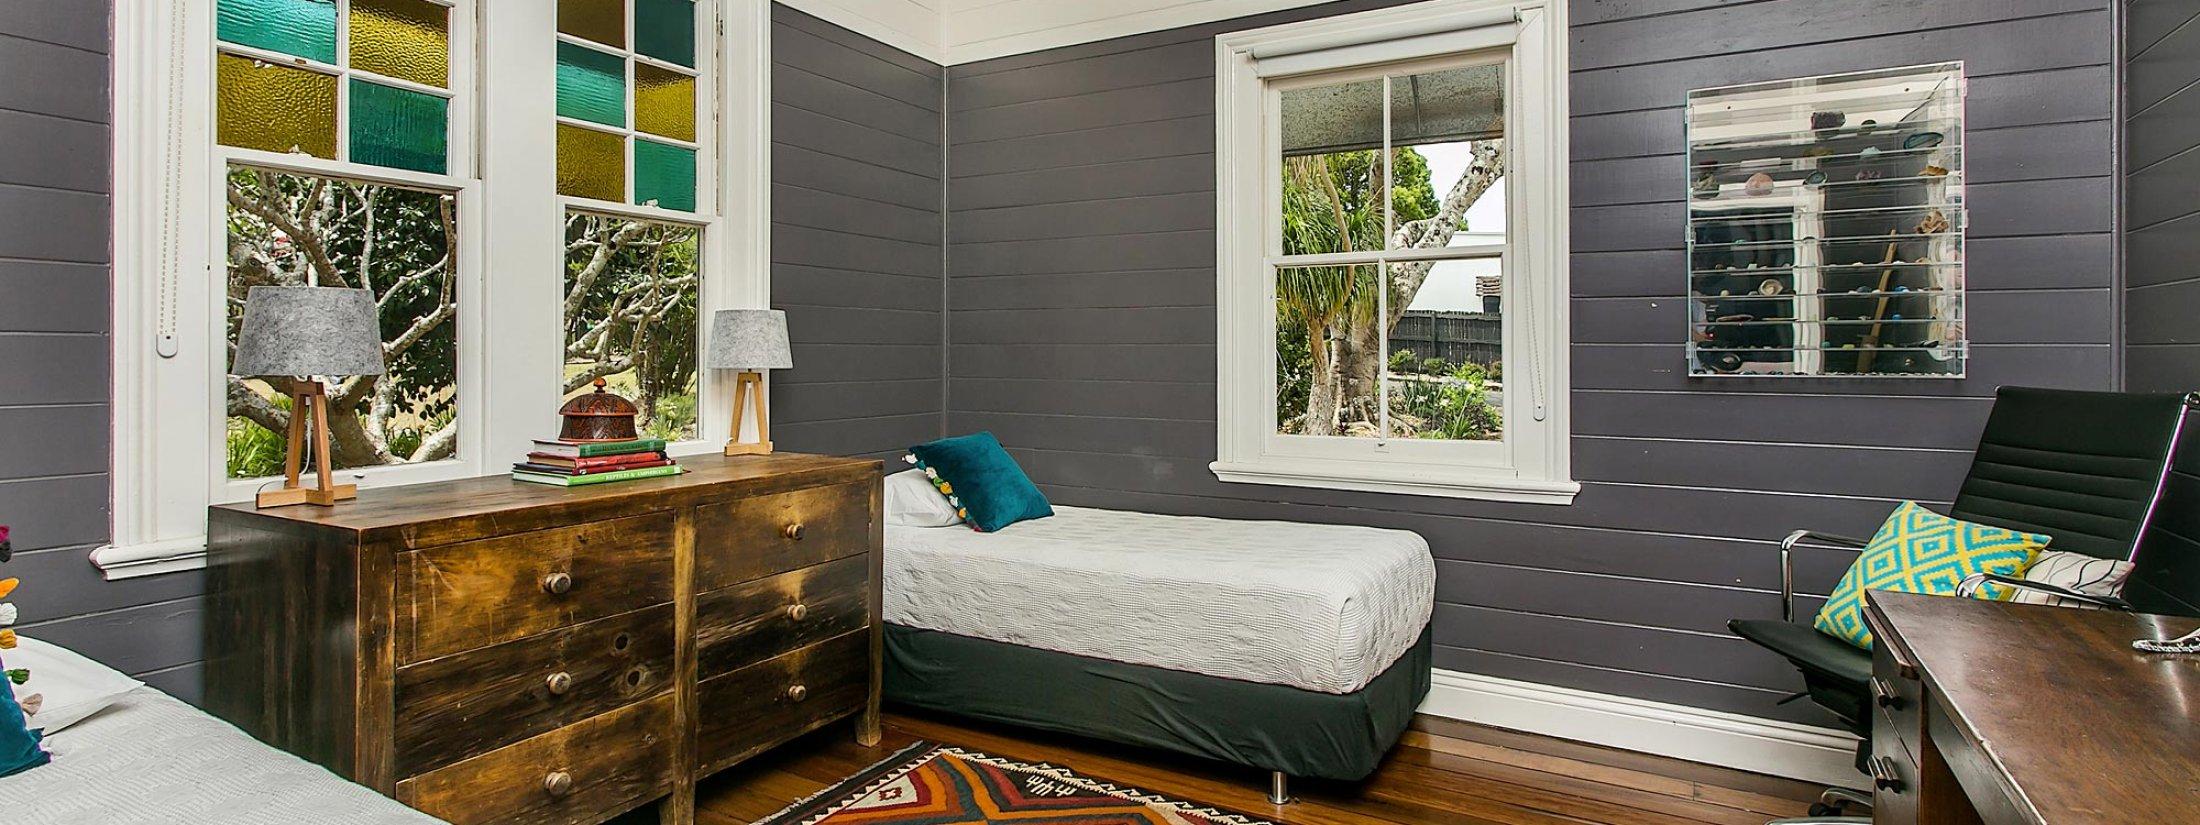 Tanderra - Twin Bedroom